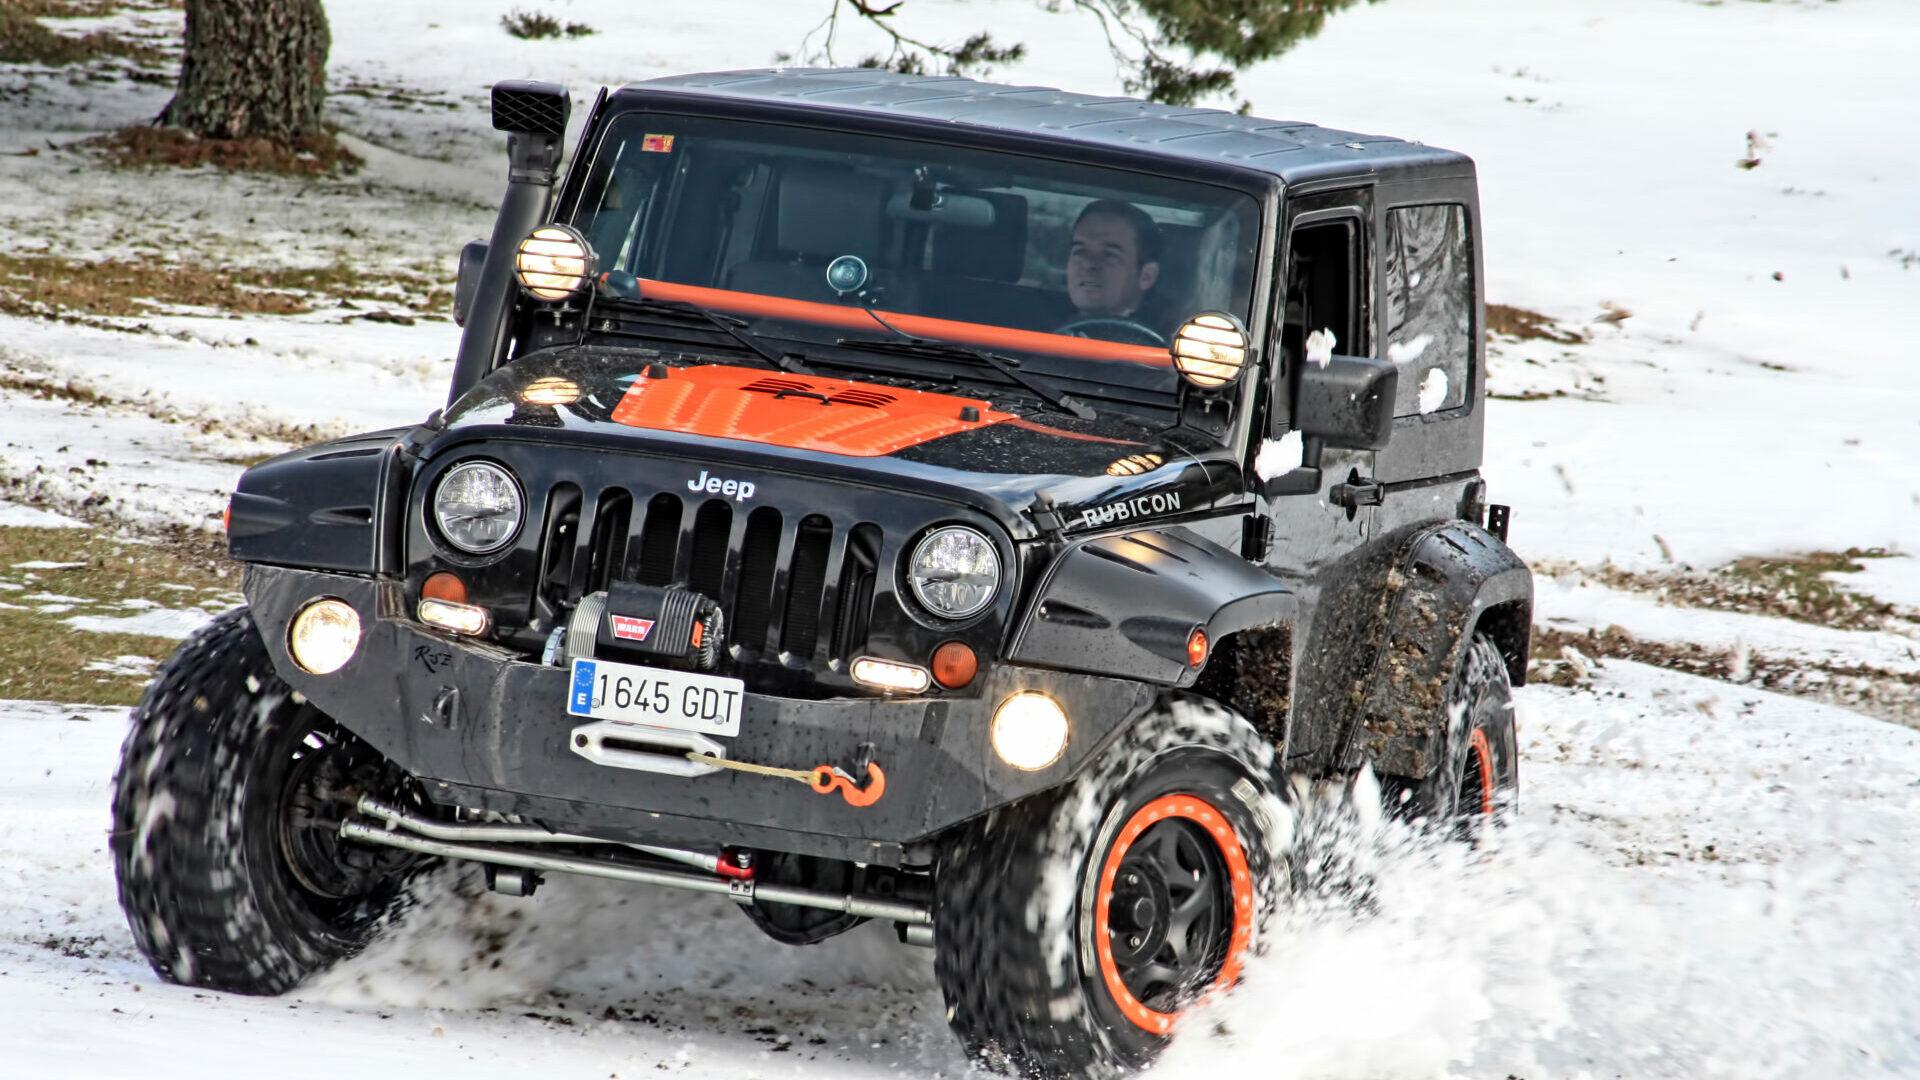 Preparación Jeep Wrangler JK Rubicon Barquilla: imparable